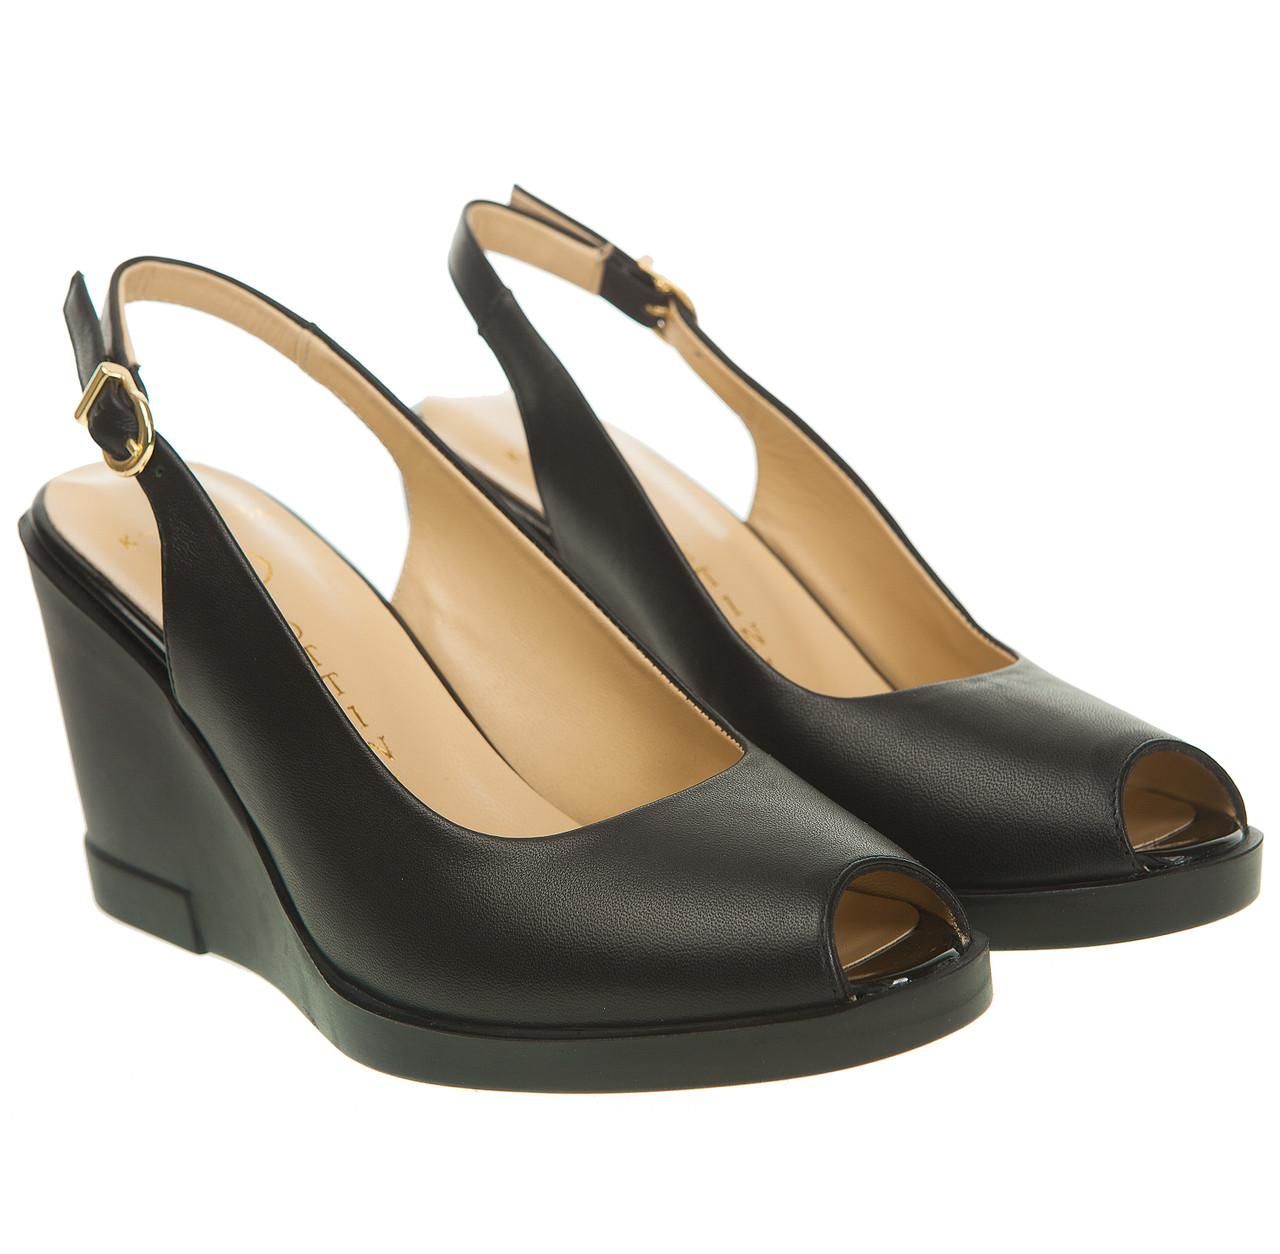 d92e11d4d715 Купить Босоножки женские LOTTINI (кожаные, черного цвета, на высокой  танкетке, модные) ...